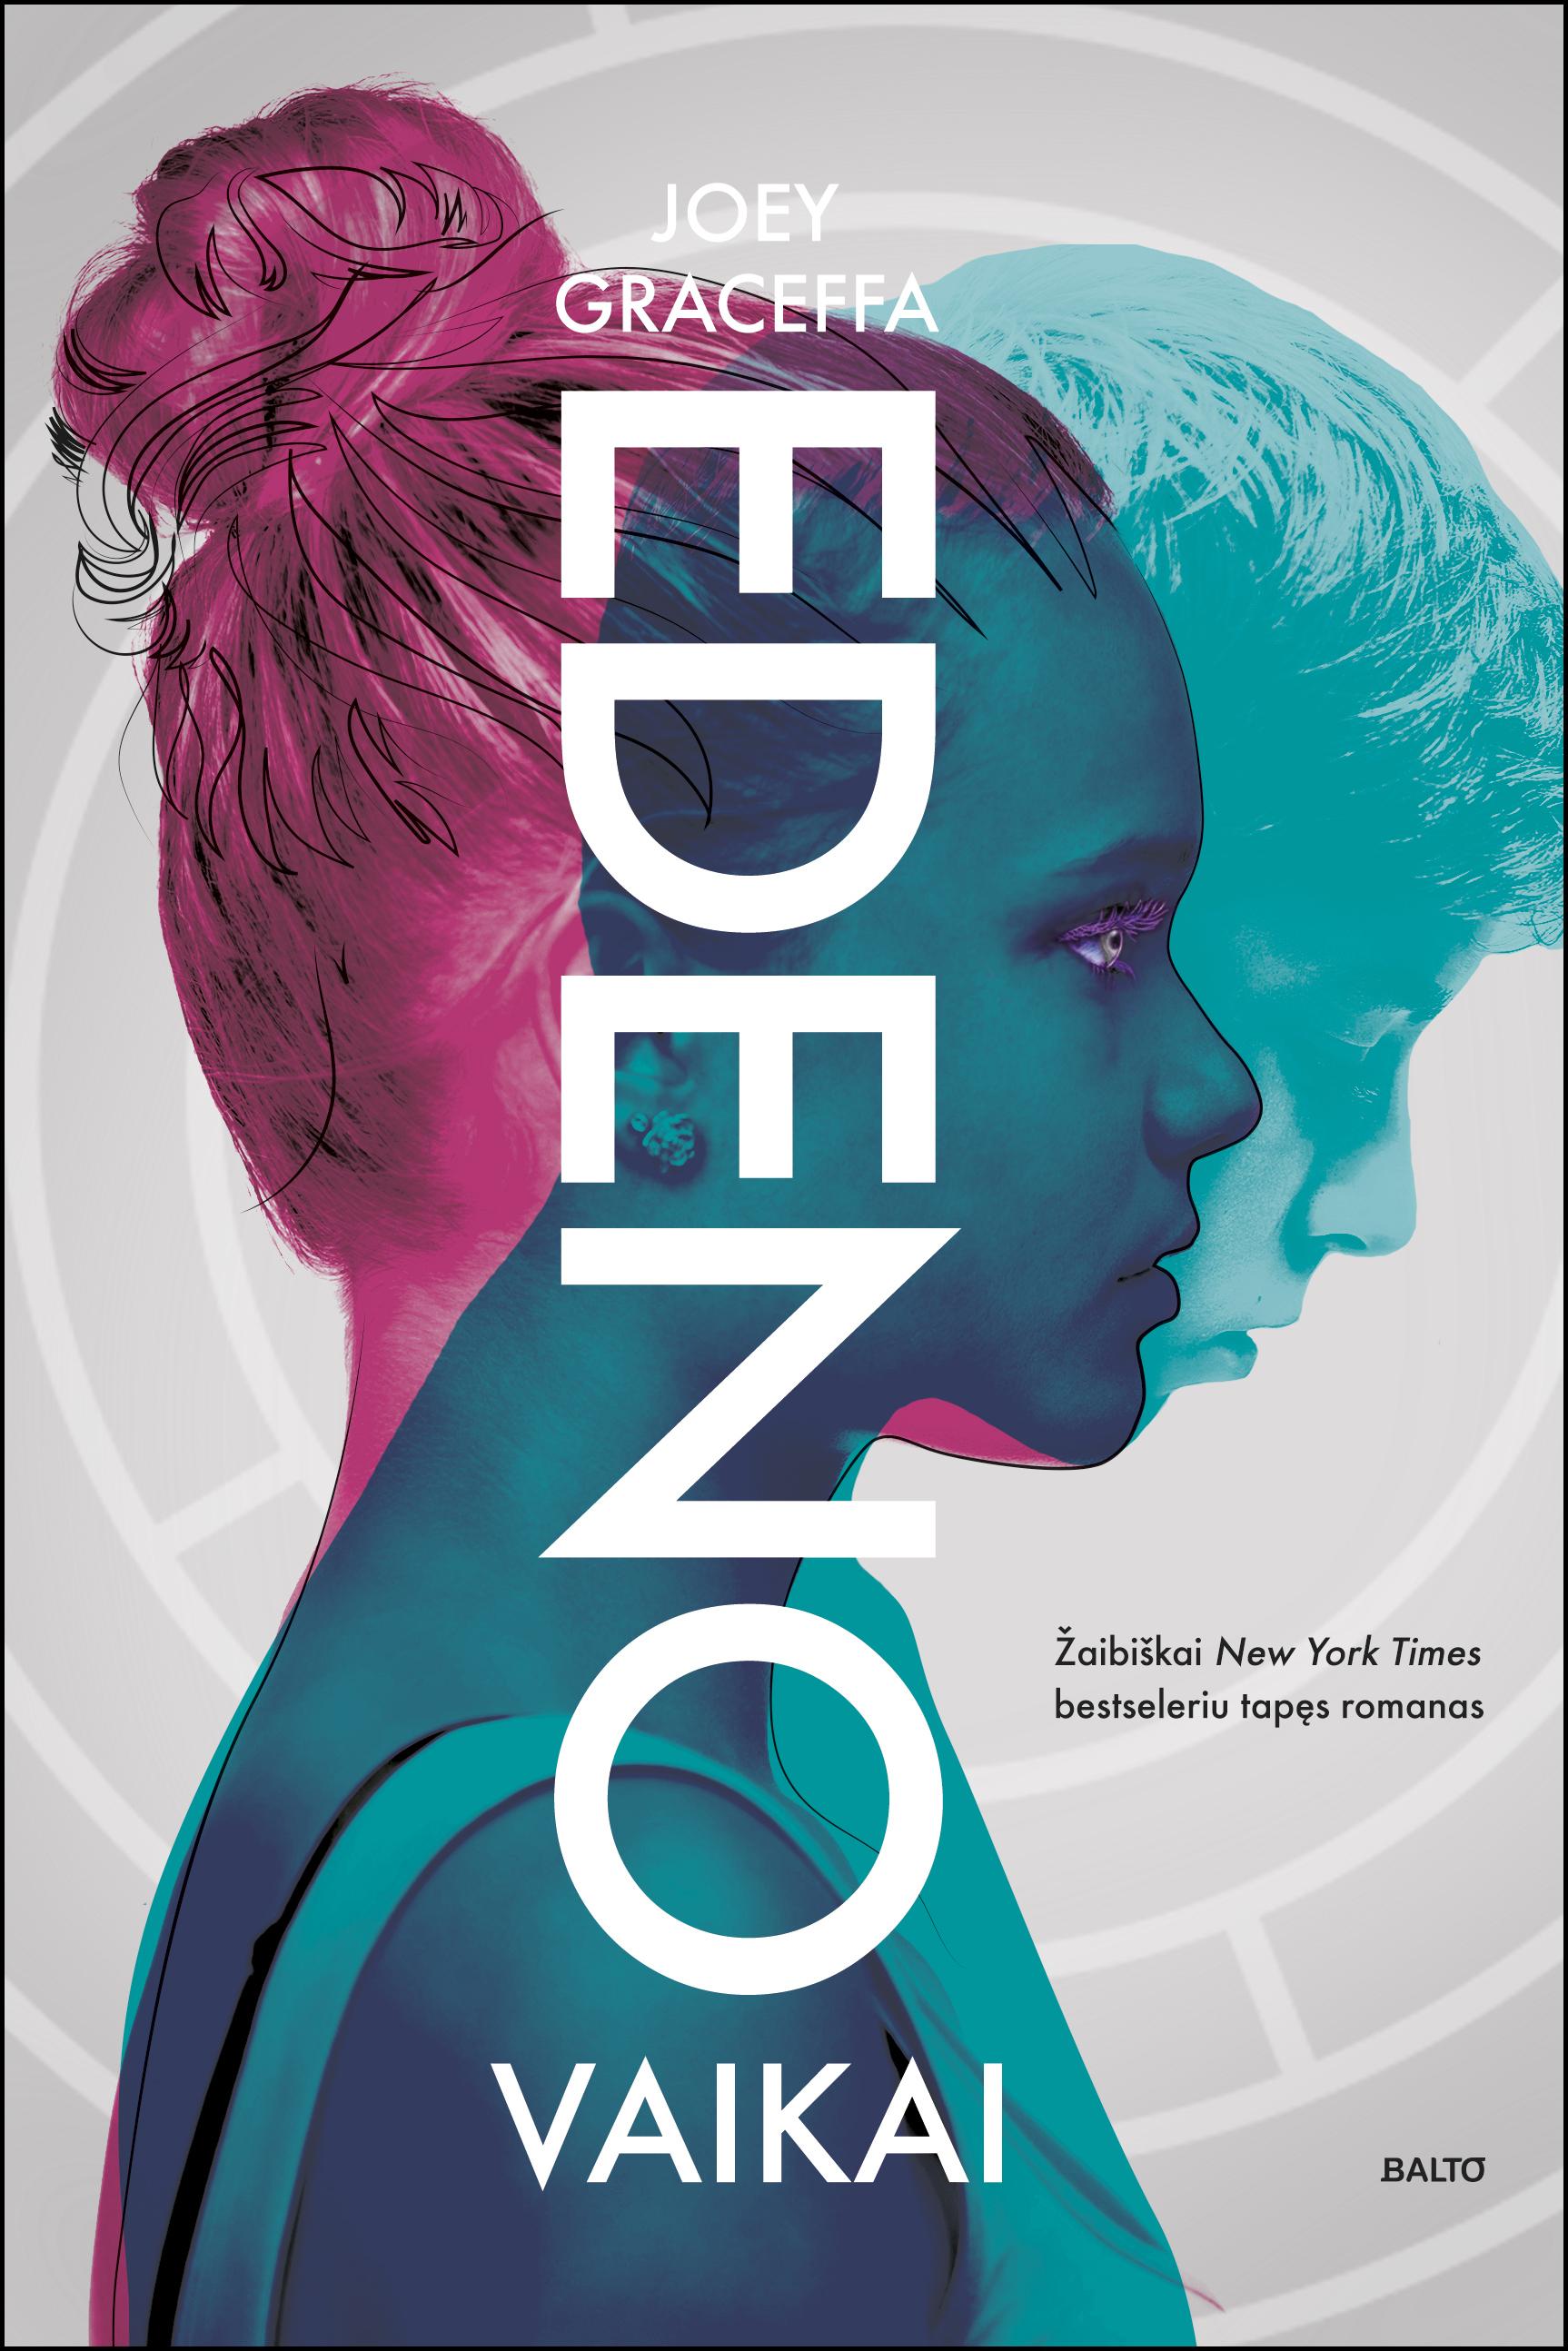 Edeno vaikai - Knygų iššūkiai kiekvienam - sukurta ...